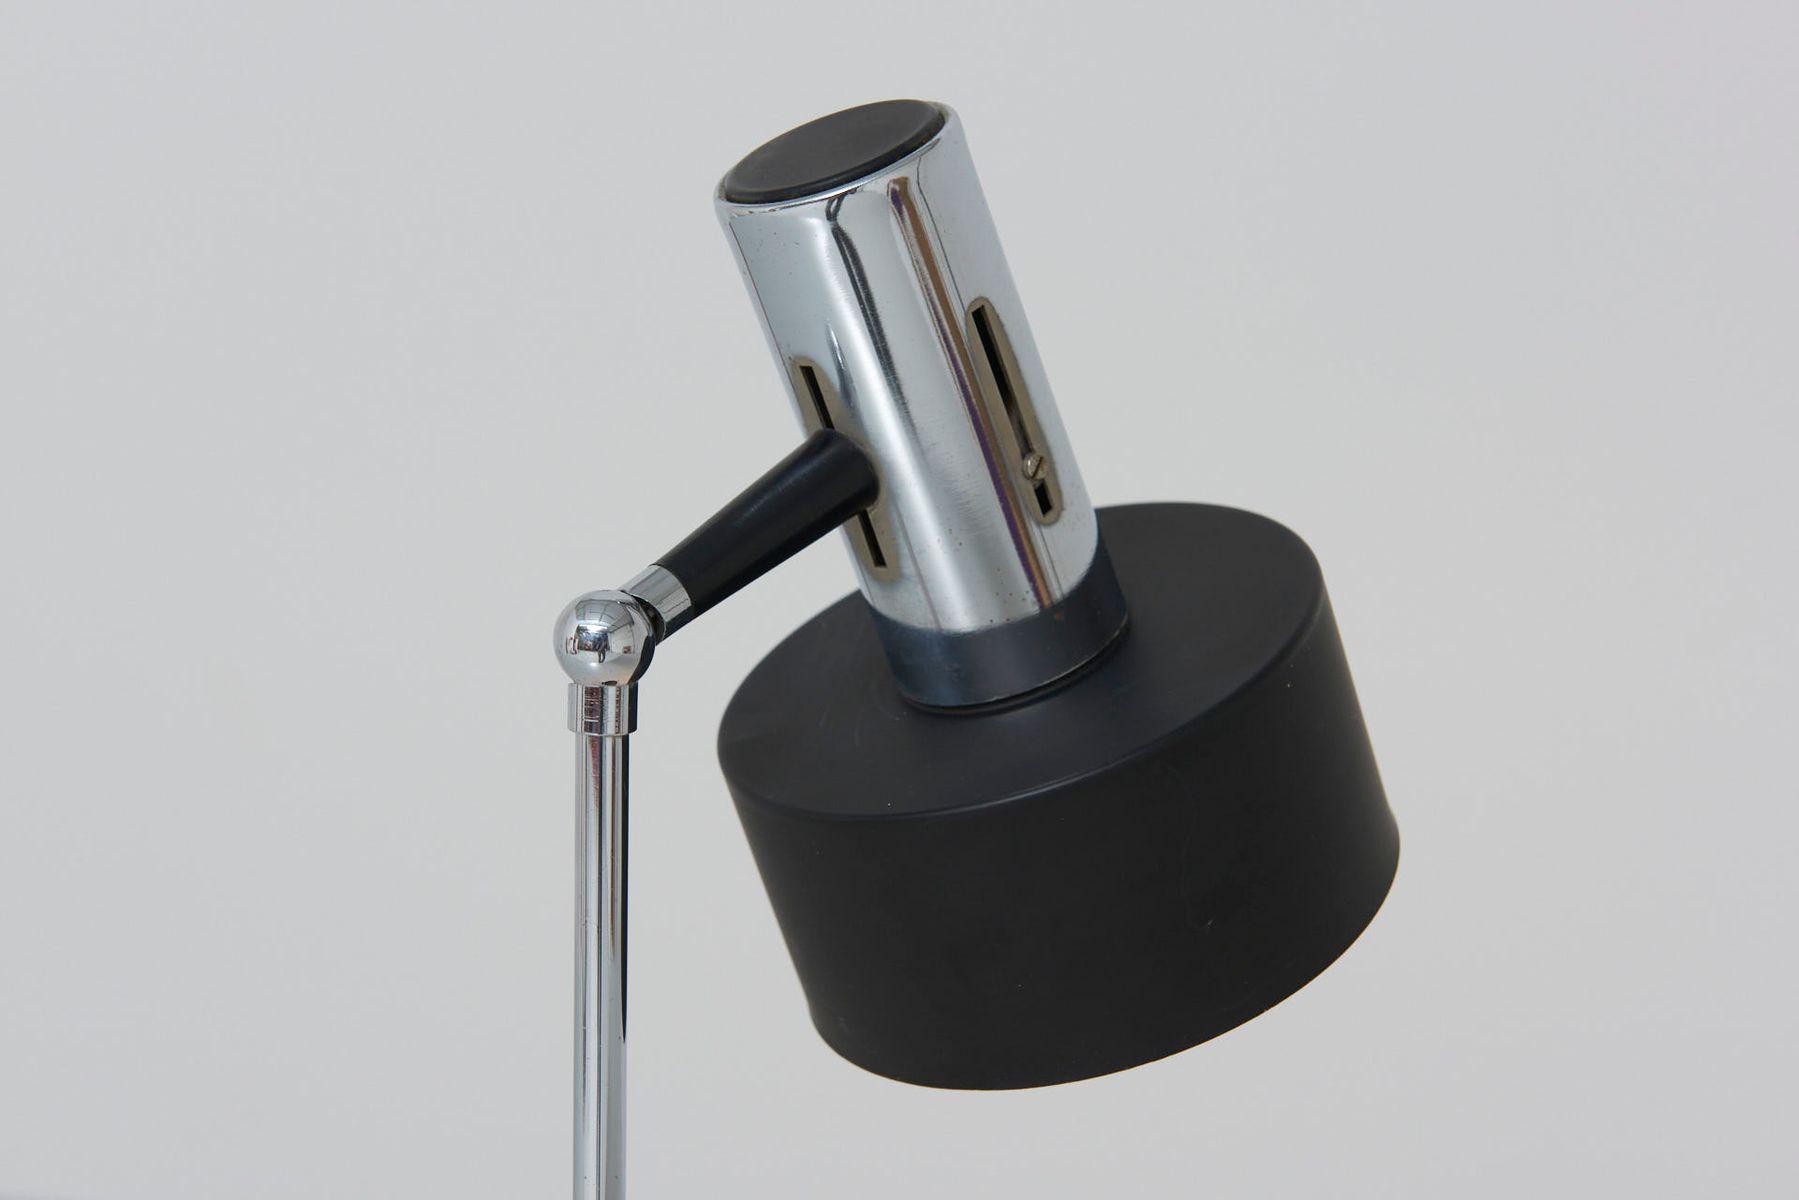 tischlampe mit zylindrischem schirm 1960er bei pamono kaufen. Black Bedroom Furniture Sets. Home Design Ideas